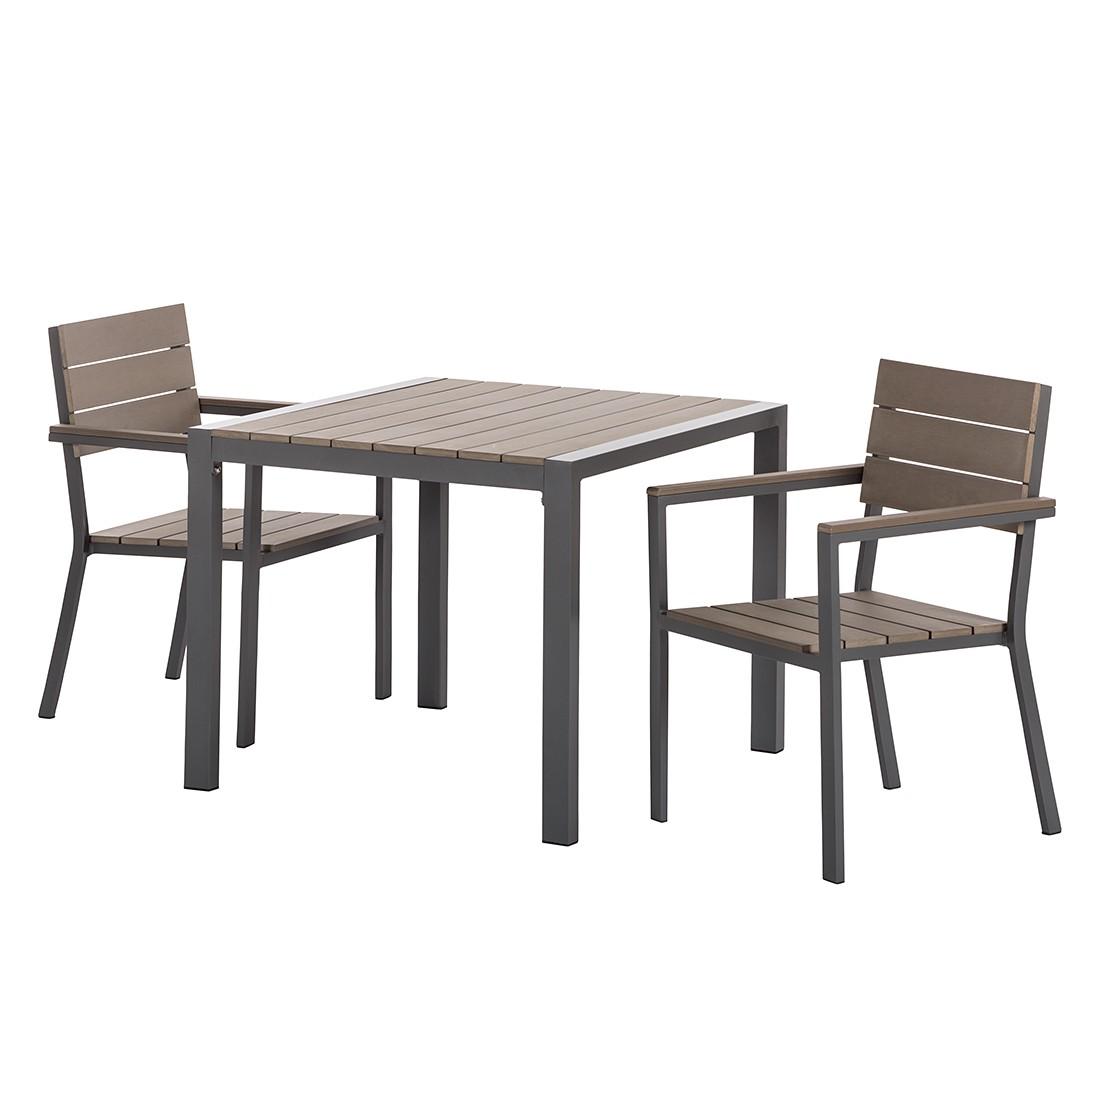 gartenbank teak streichen 143621 eine interessante idee f r die gestaltung einer. Black Bedroom Furniture Sets. Home Design Ideas